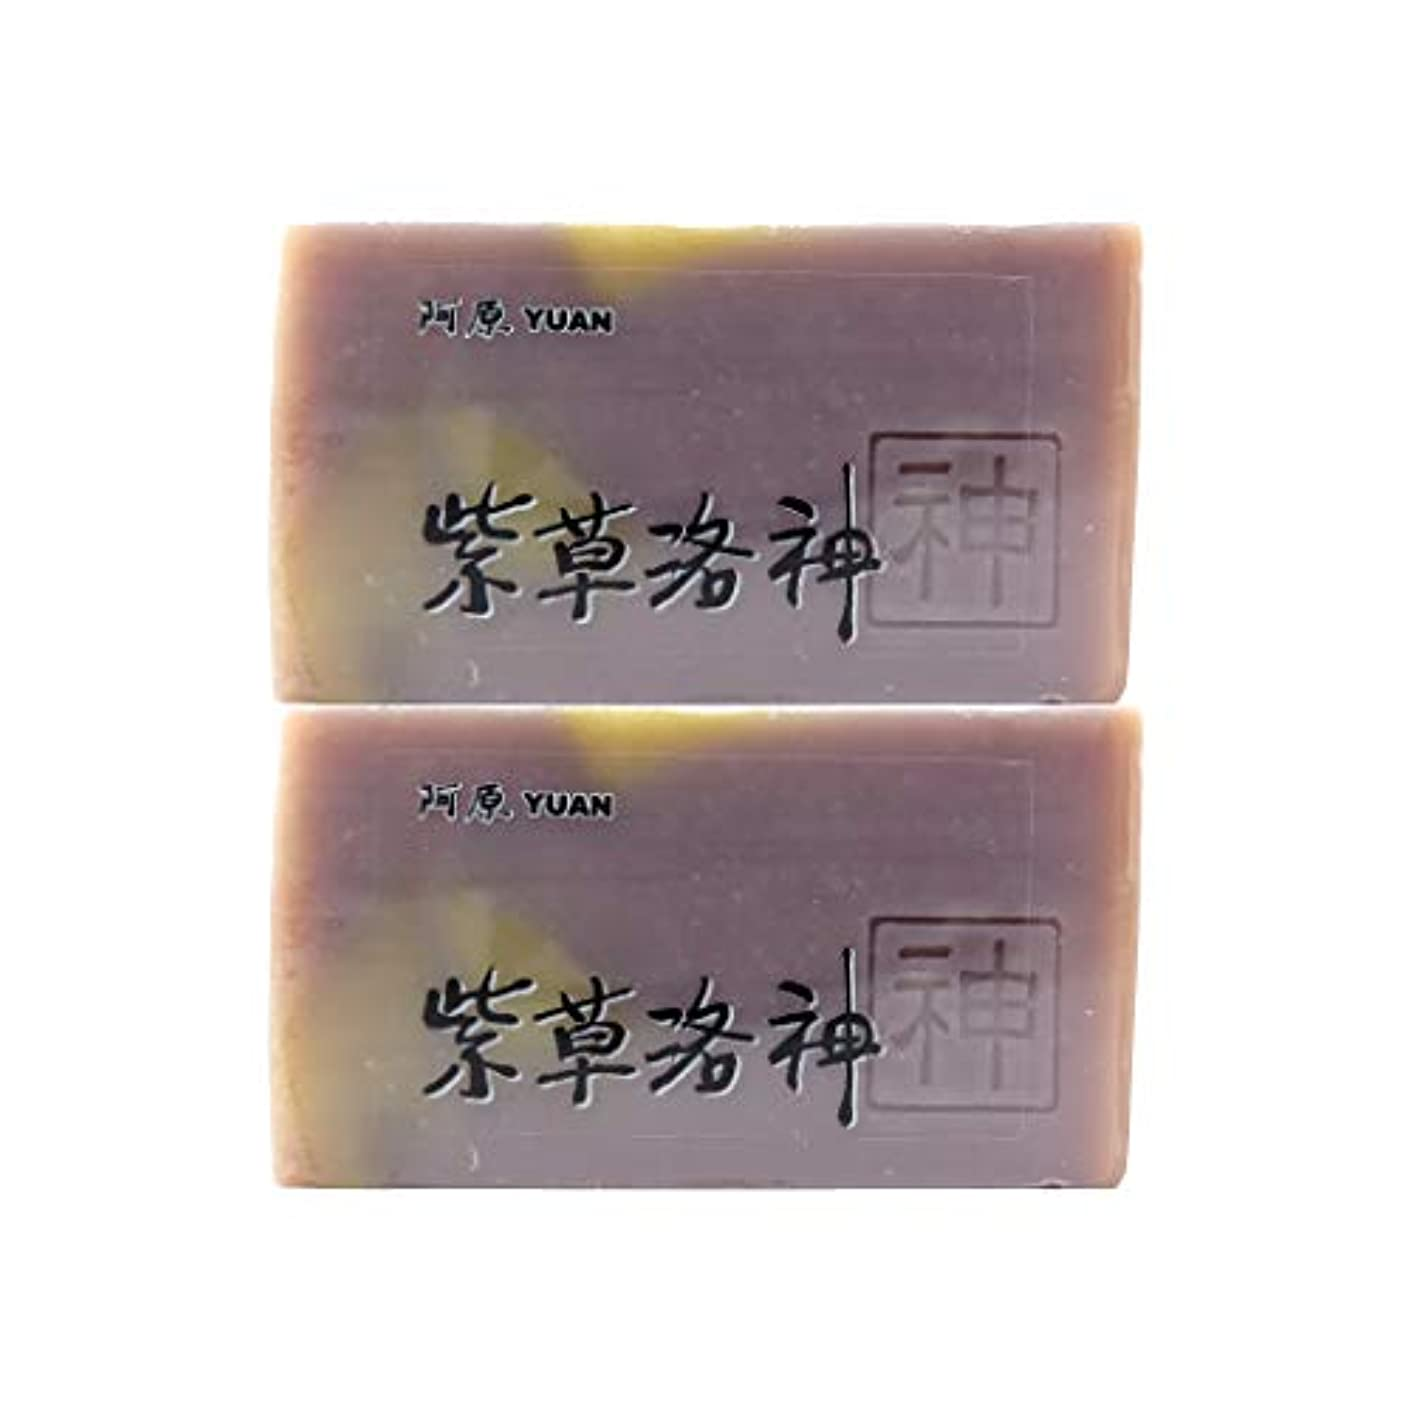 手ブレイズ破壊的なユアン(YUAN) ハイビスカスソープ 100g (2個セット)